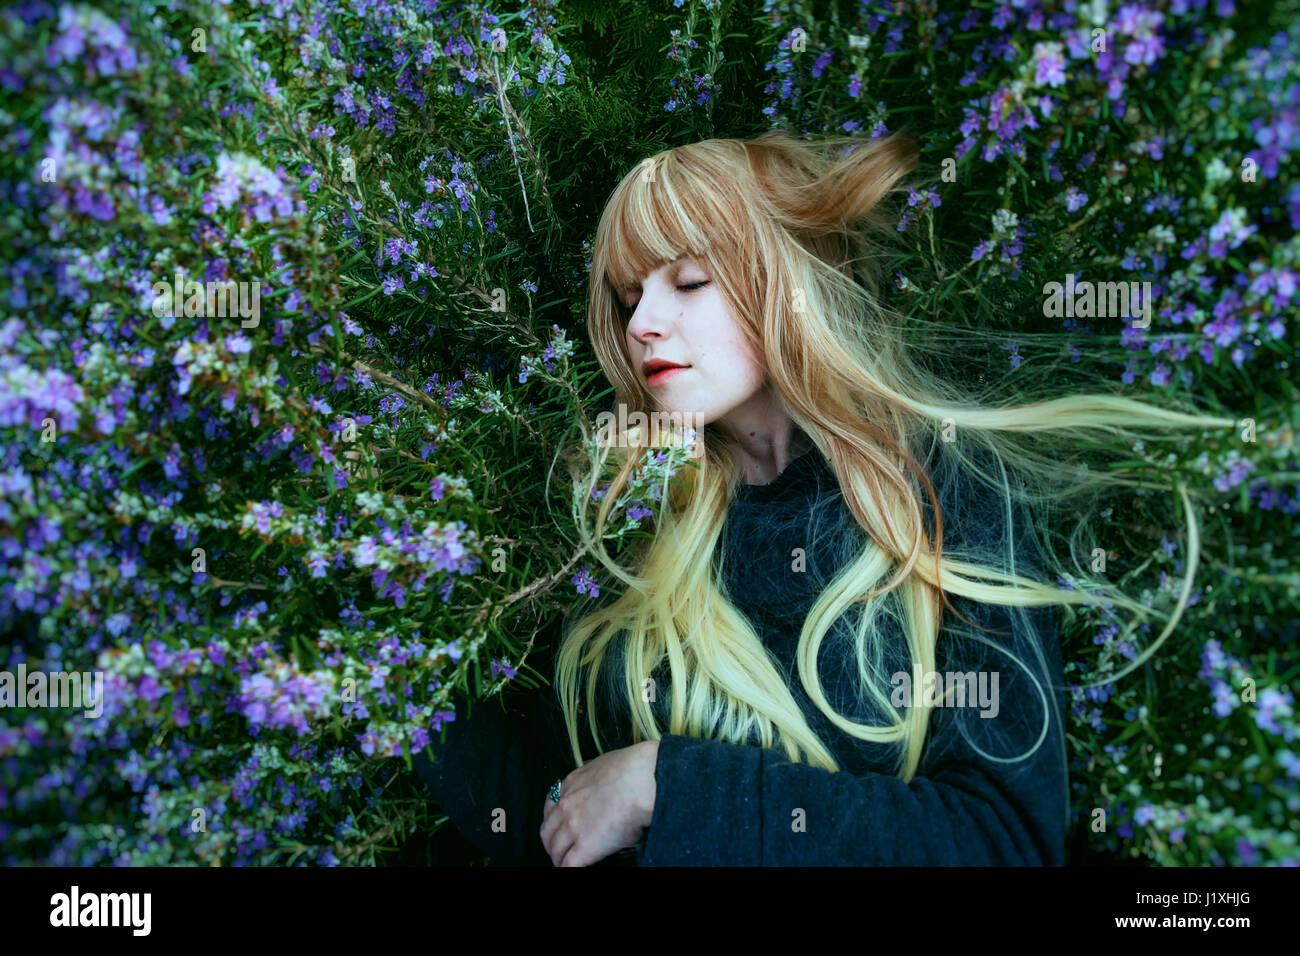 Jeune femme couchée dans un buisson de romarin Photo Stock